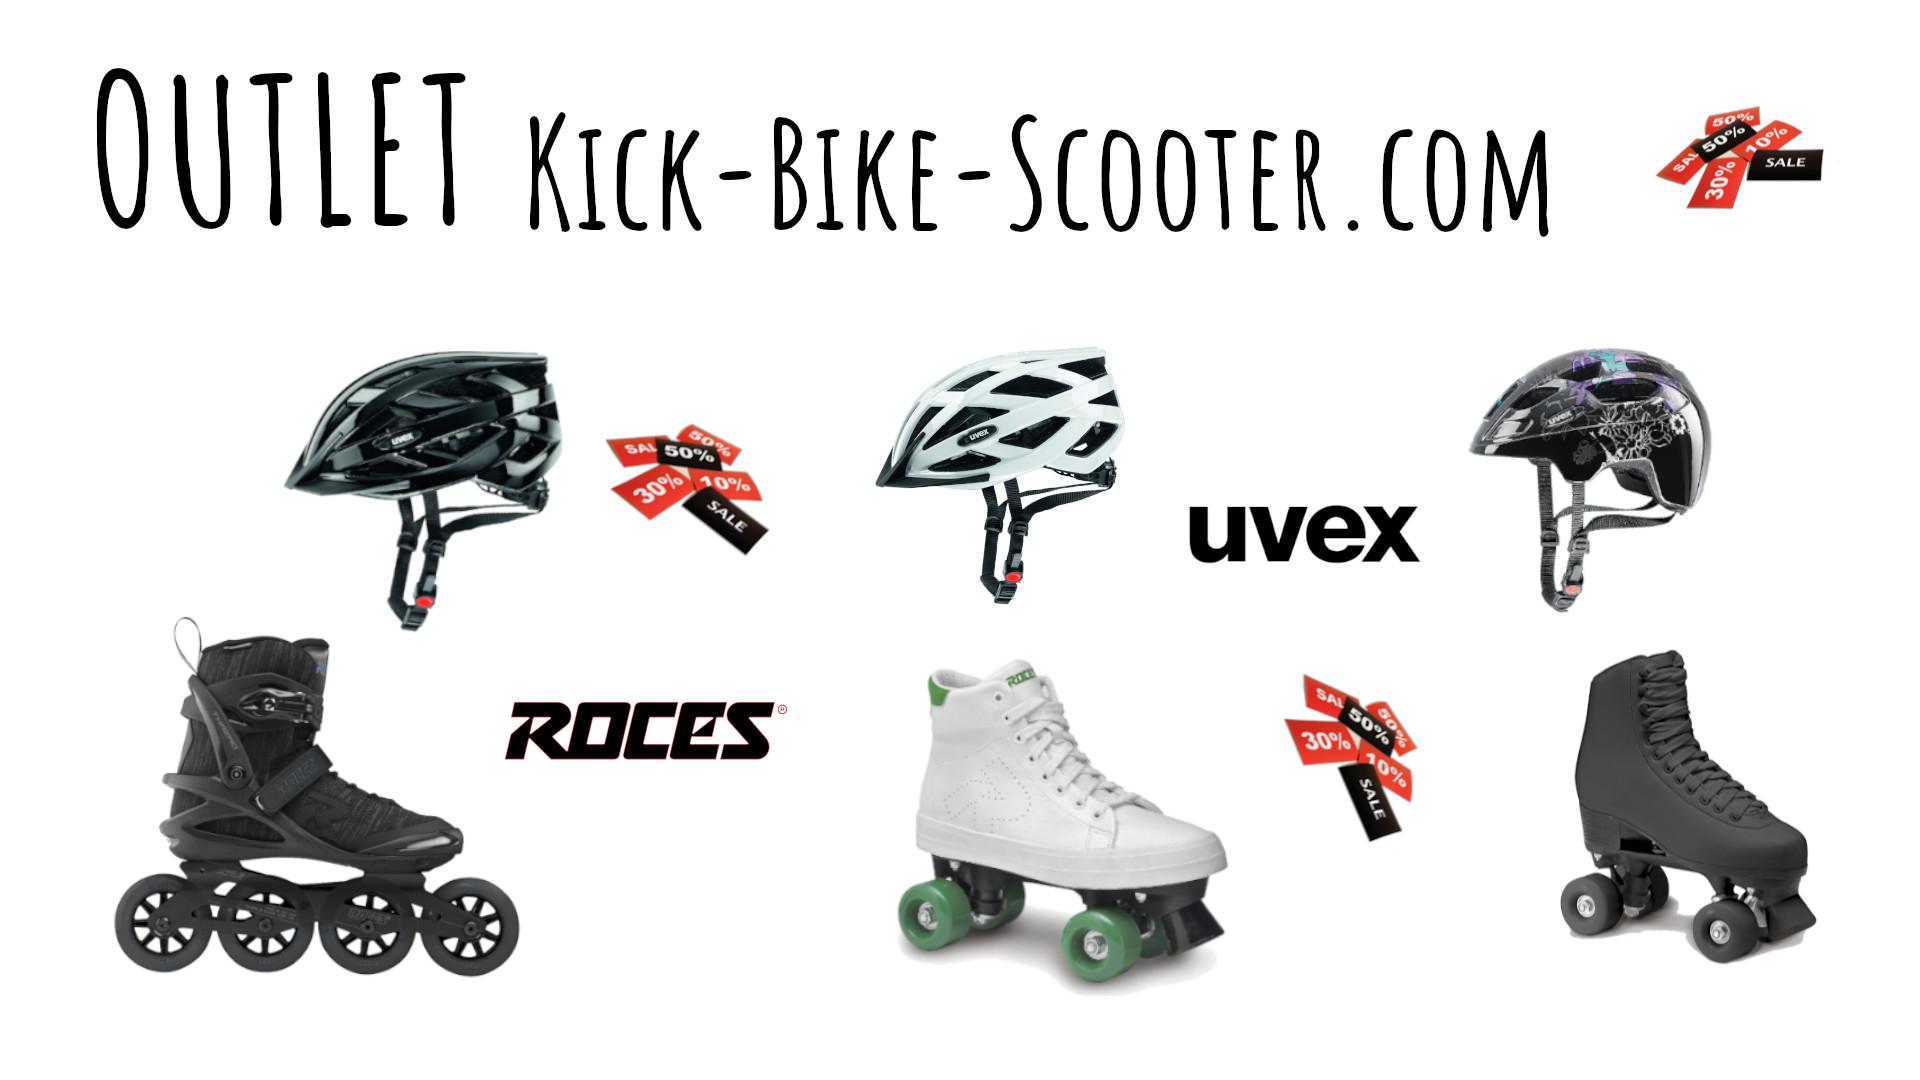 Outlet Kick-bike-scooter.com